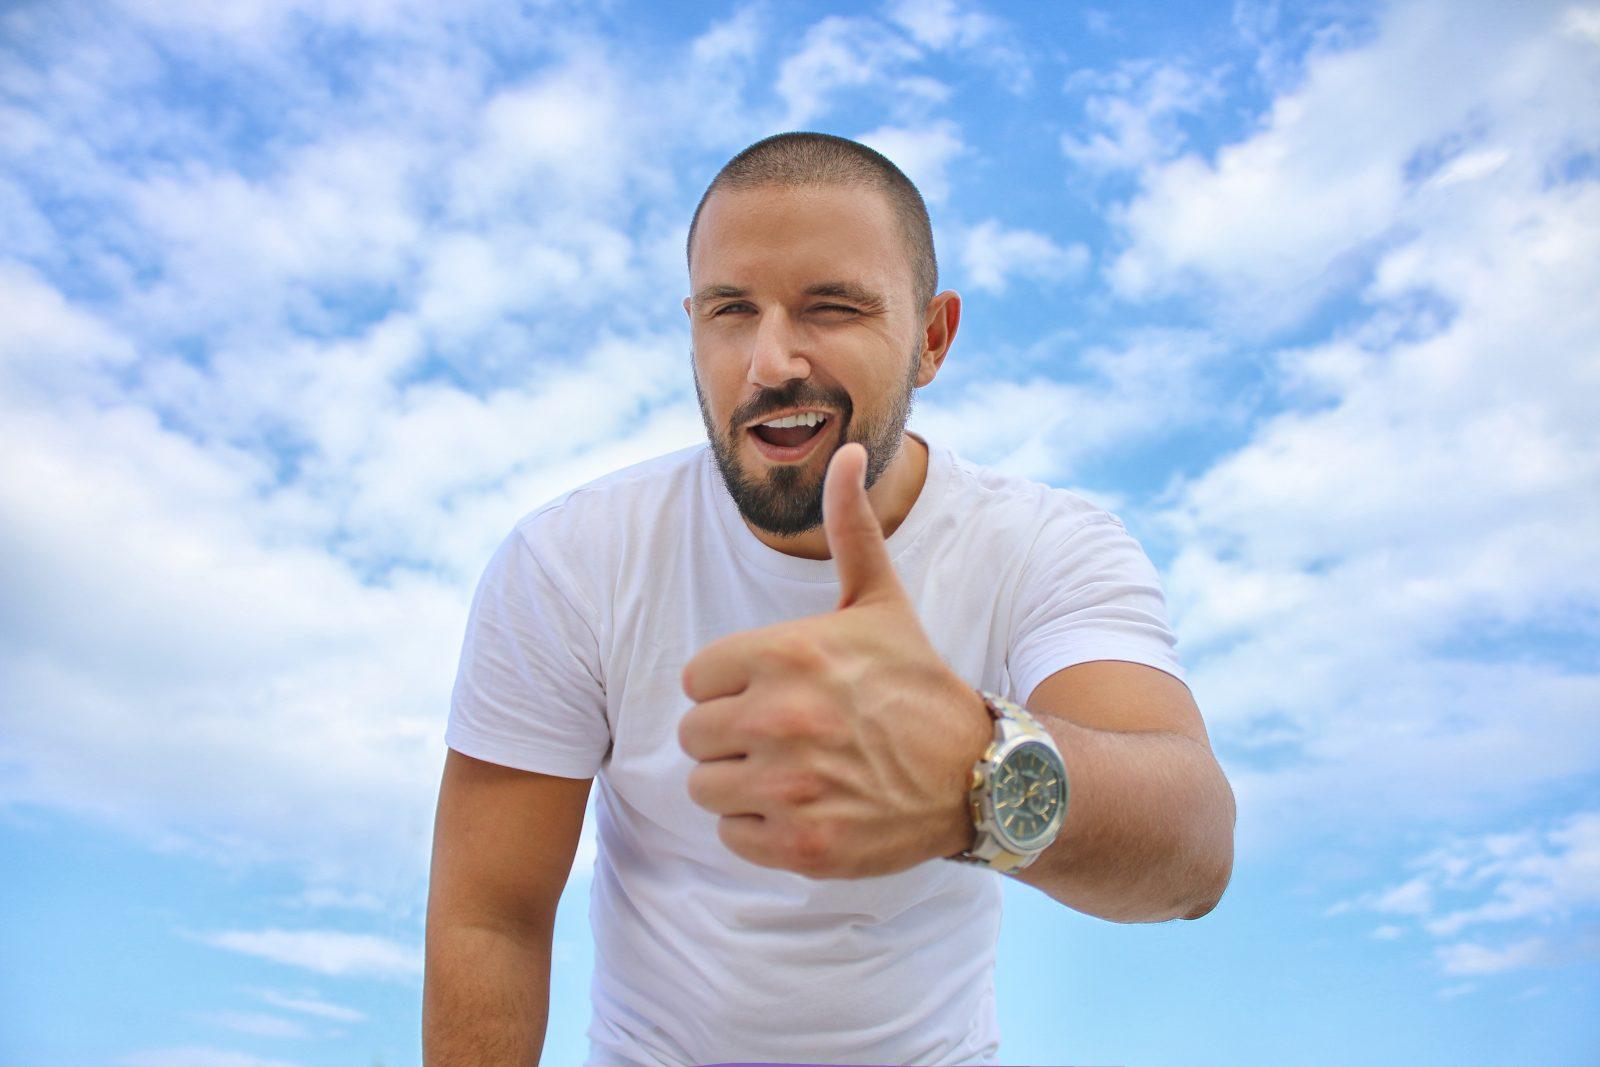 persoonlijke effectiviteit man geeft een knipoog en houd zijn duim omhoog